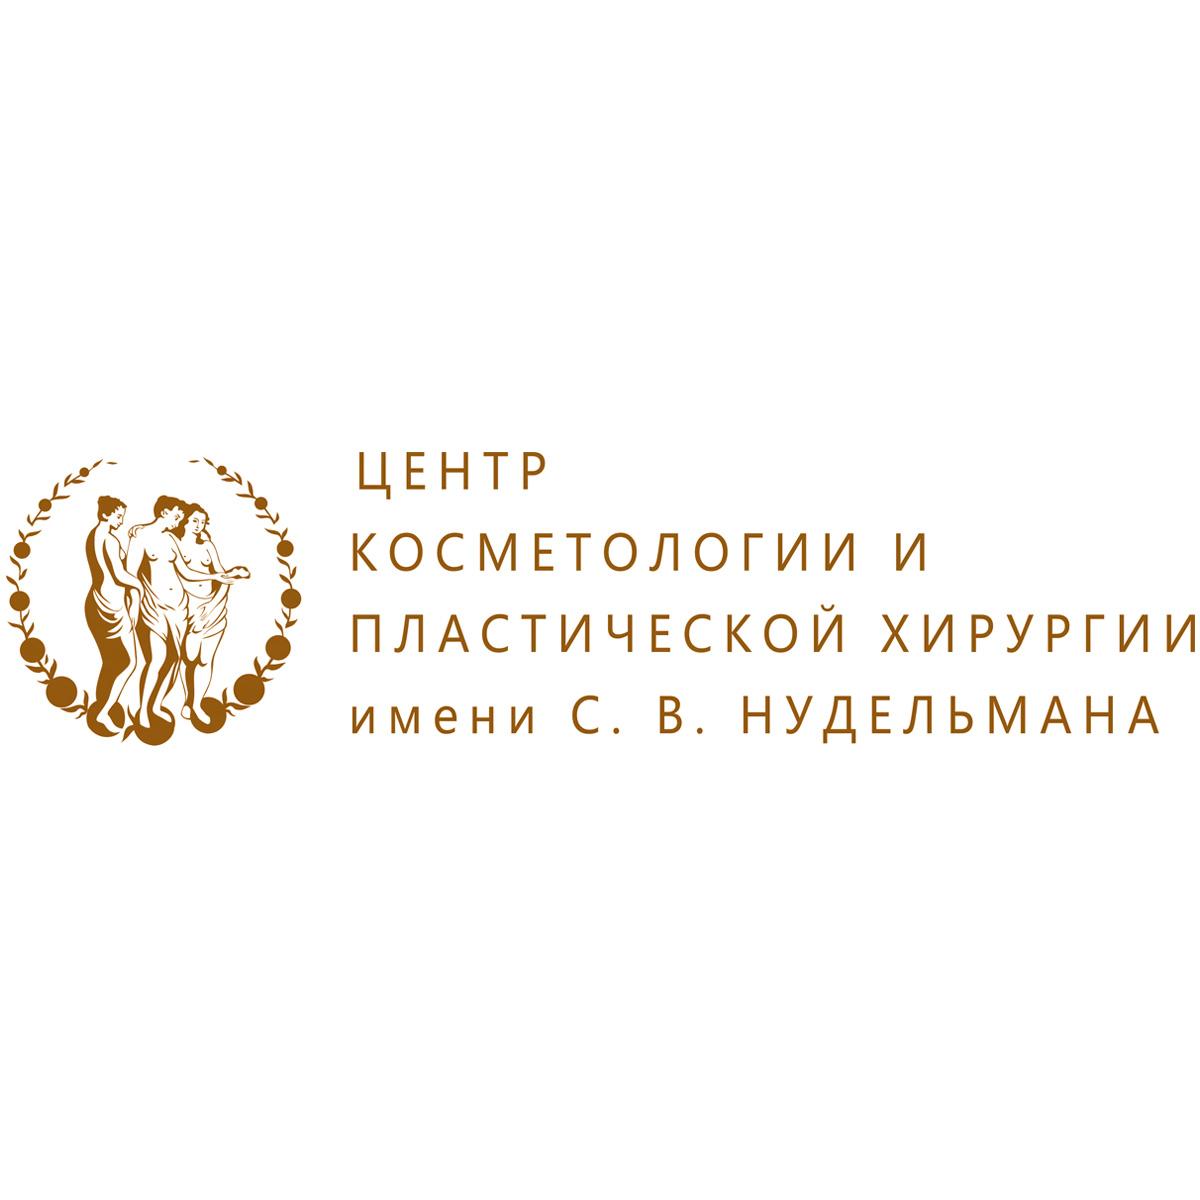 Центр косметологии и пластической хирургии имени С.В. Нудельмана